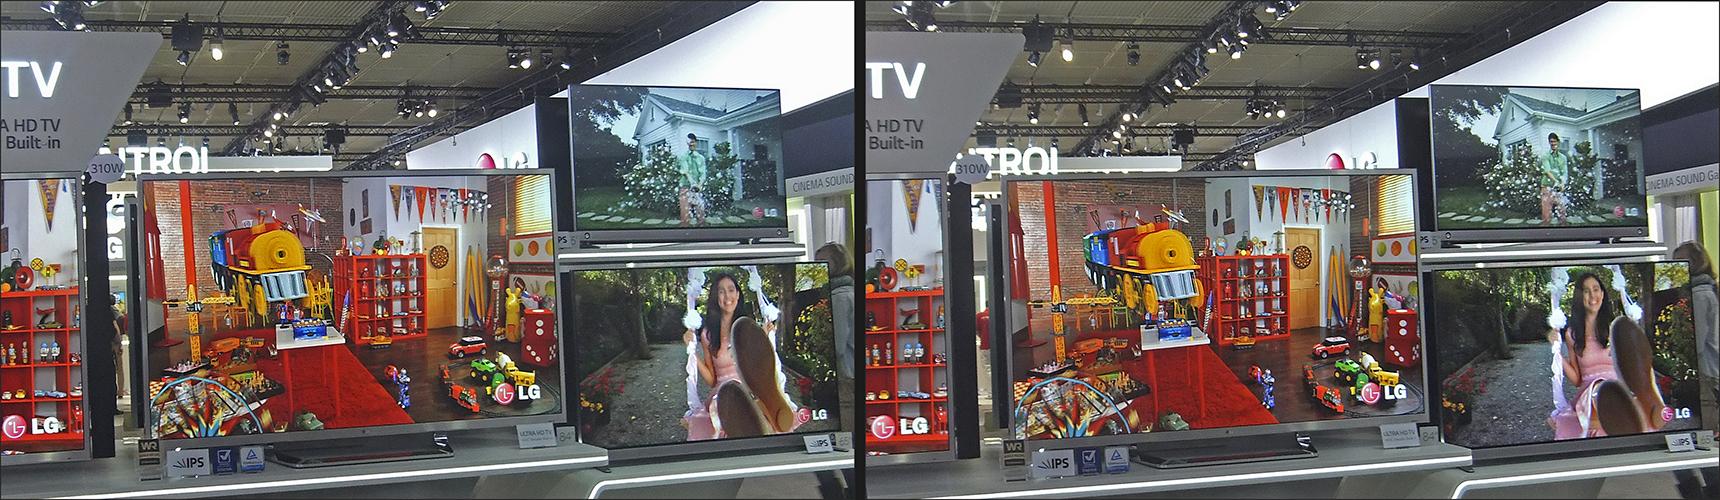 3D TVs X